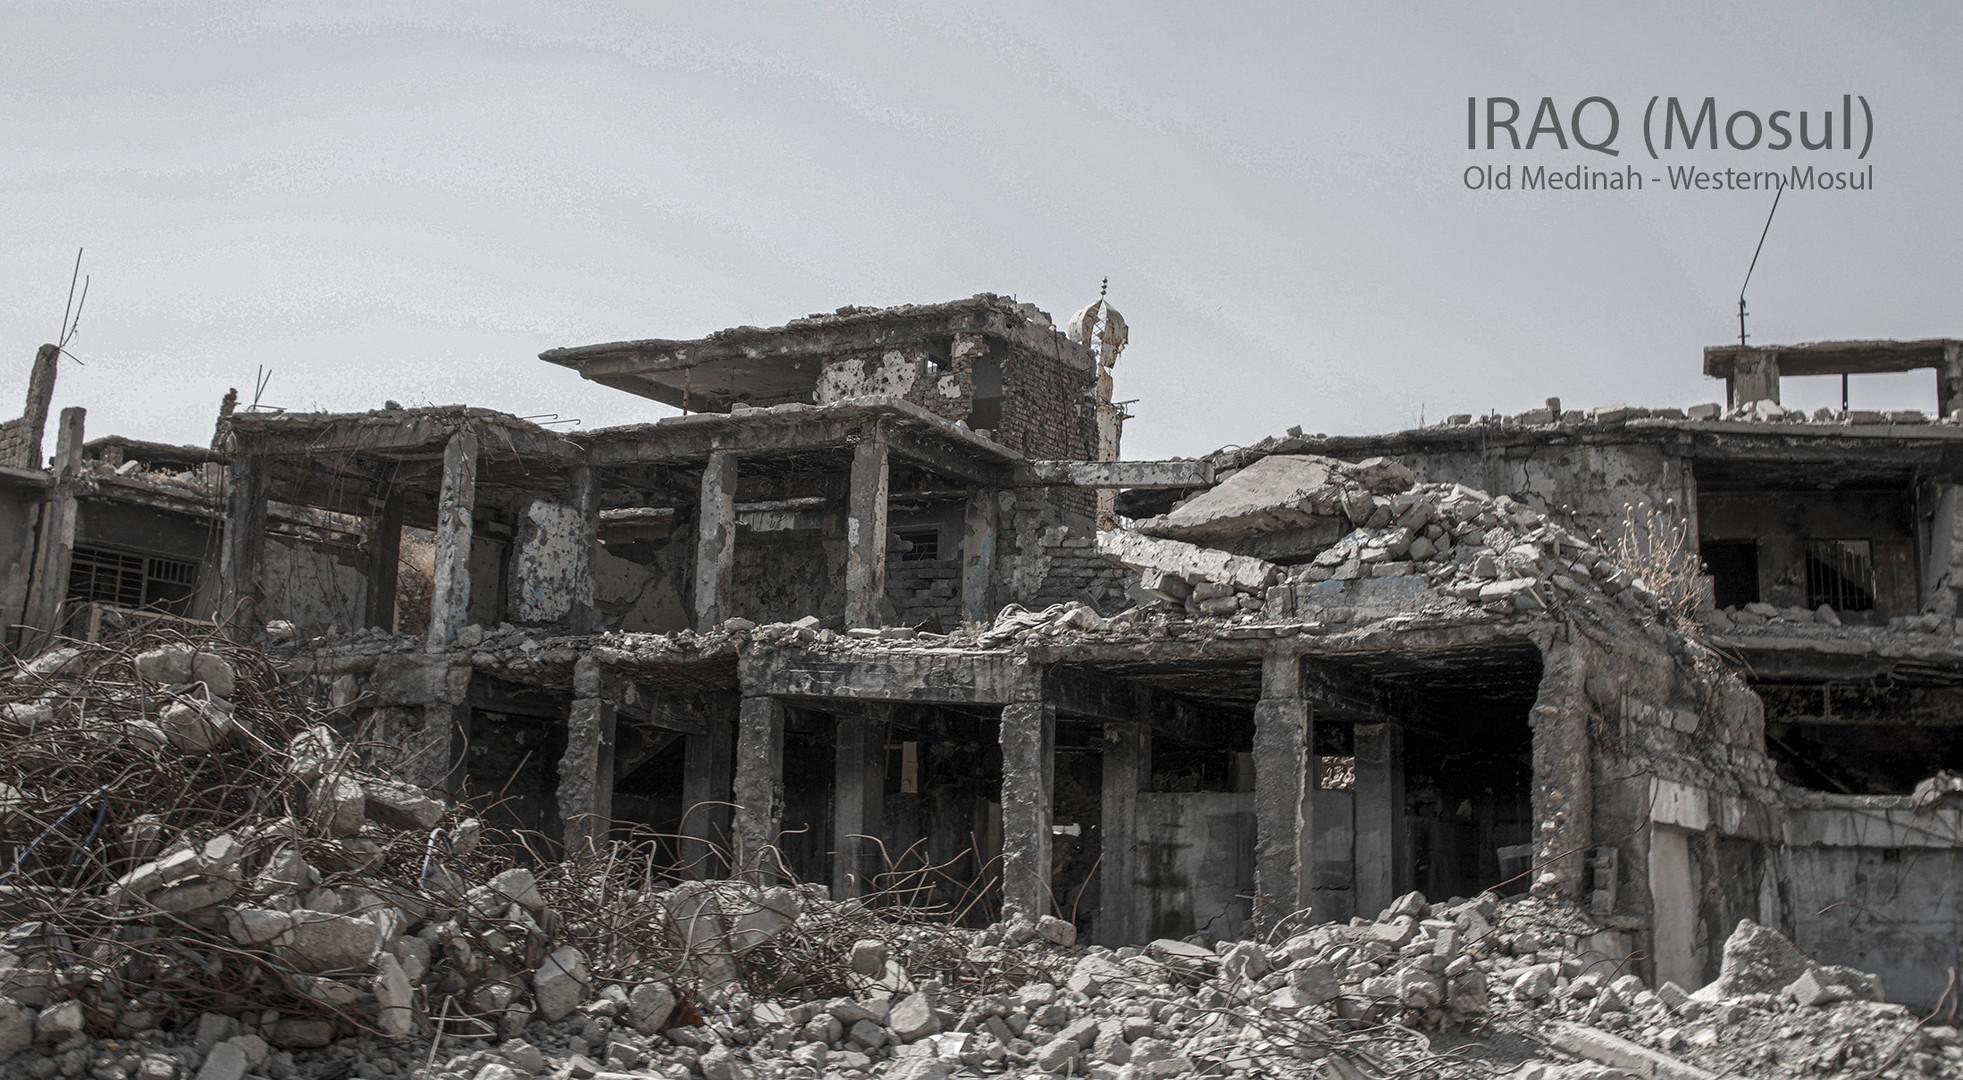 2019-07-22 Iraq - Mosul 31 (POW) 452A788